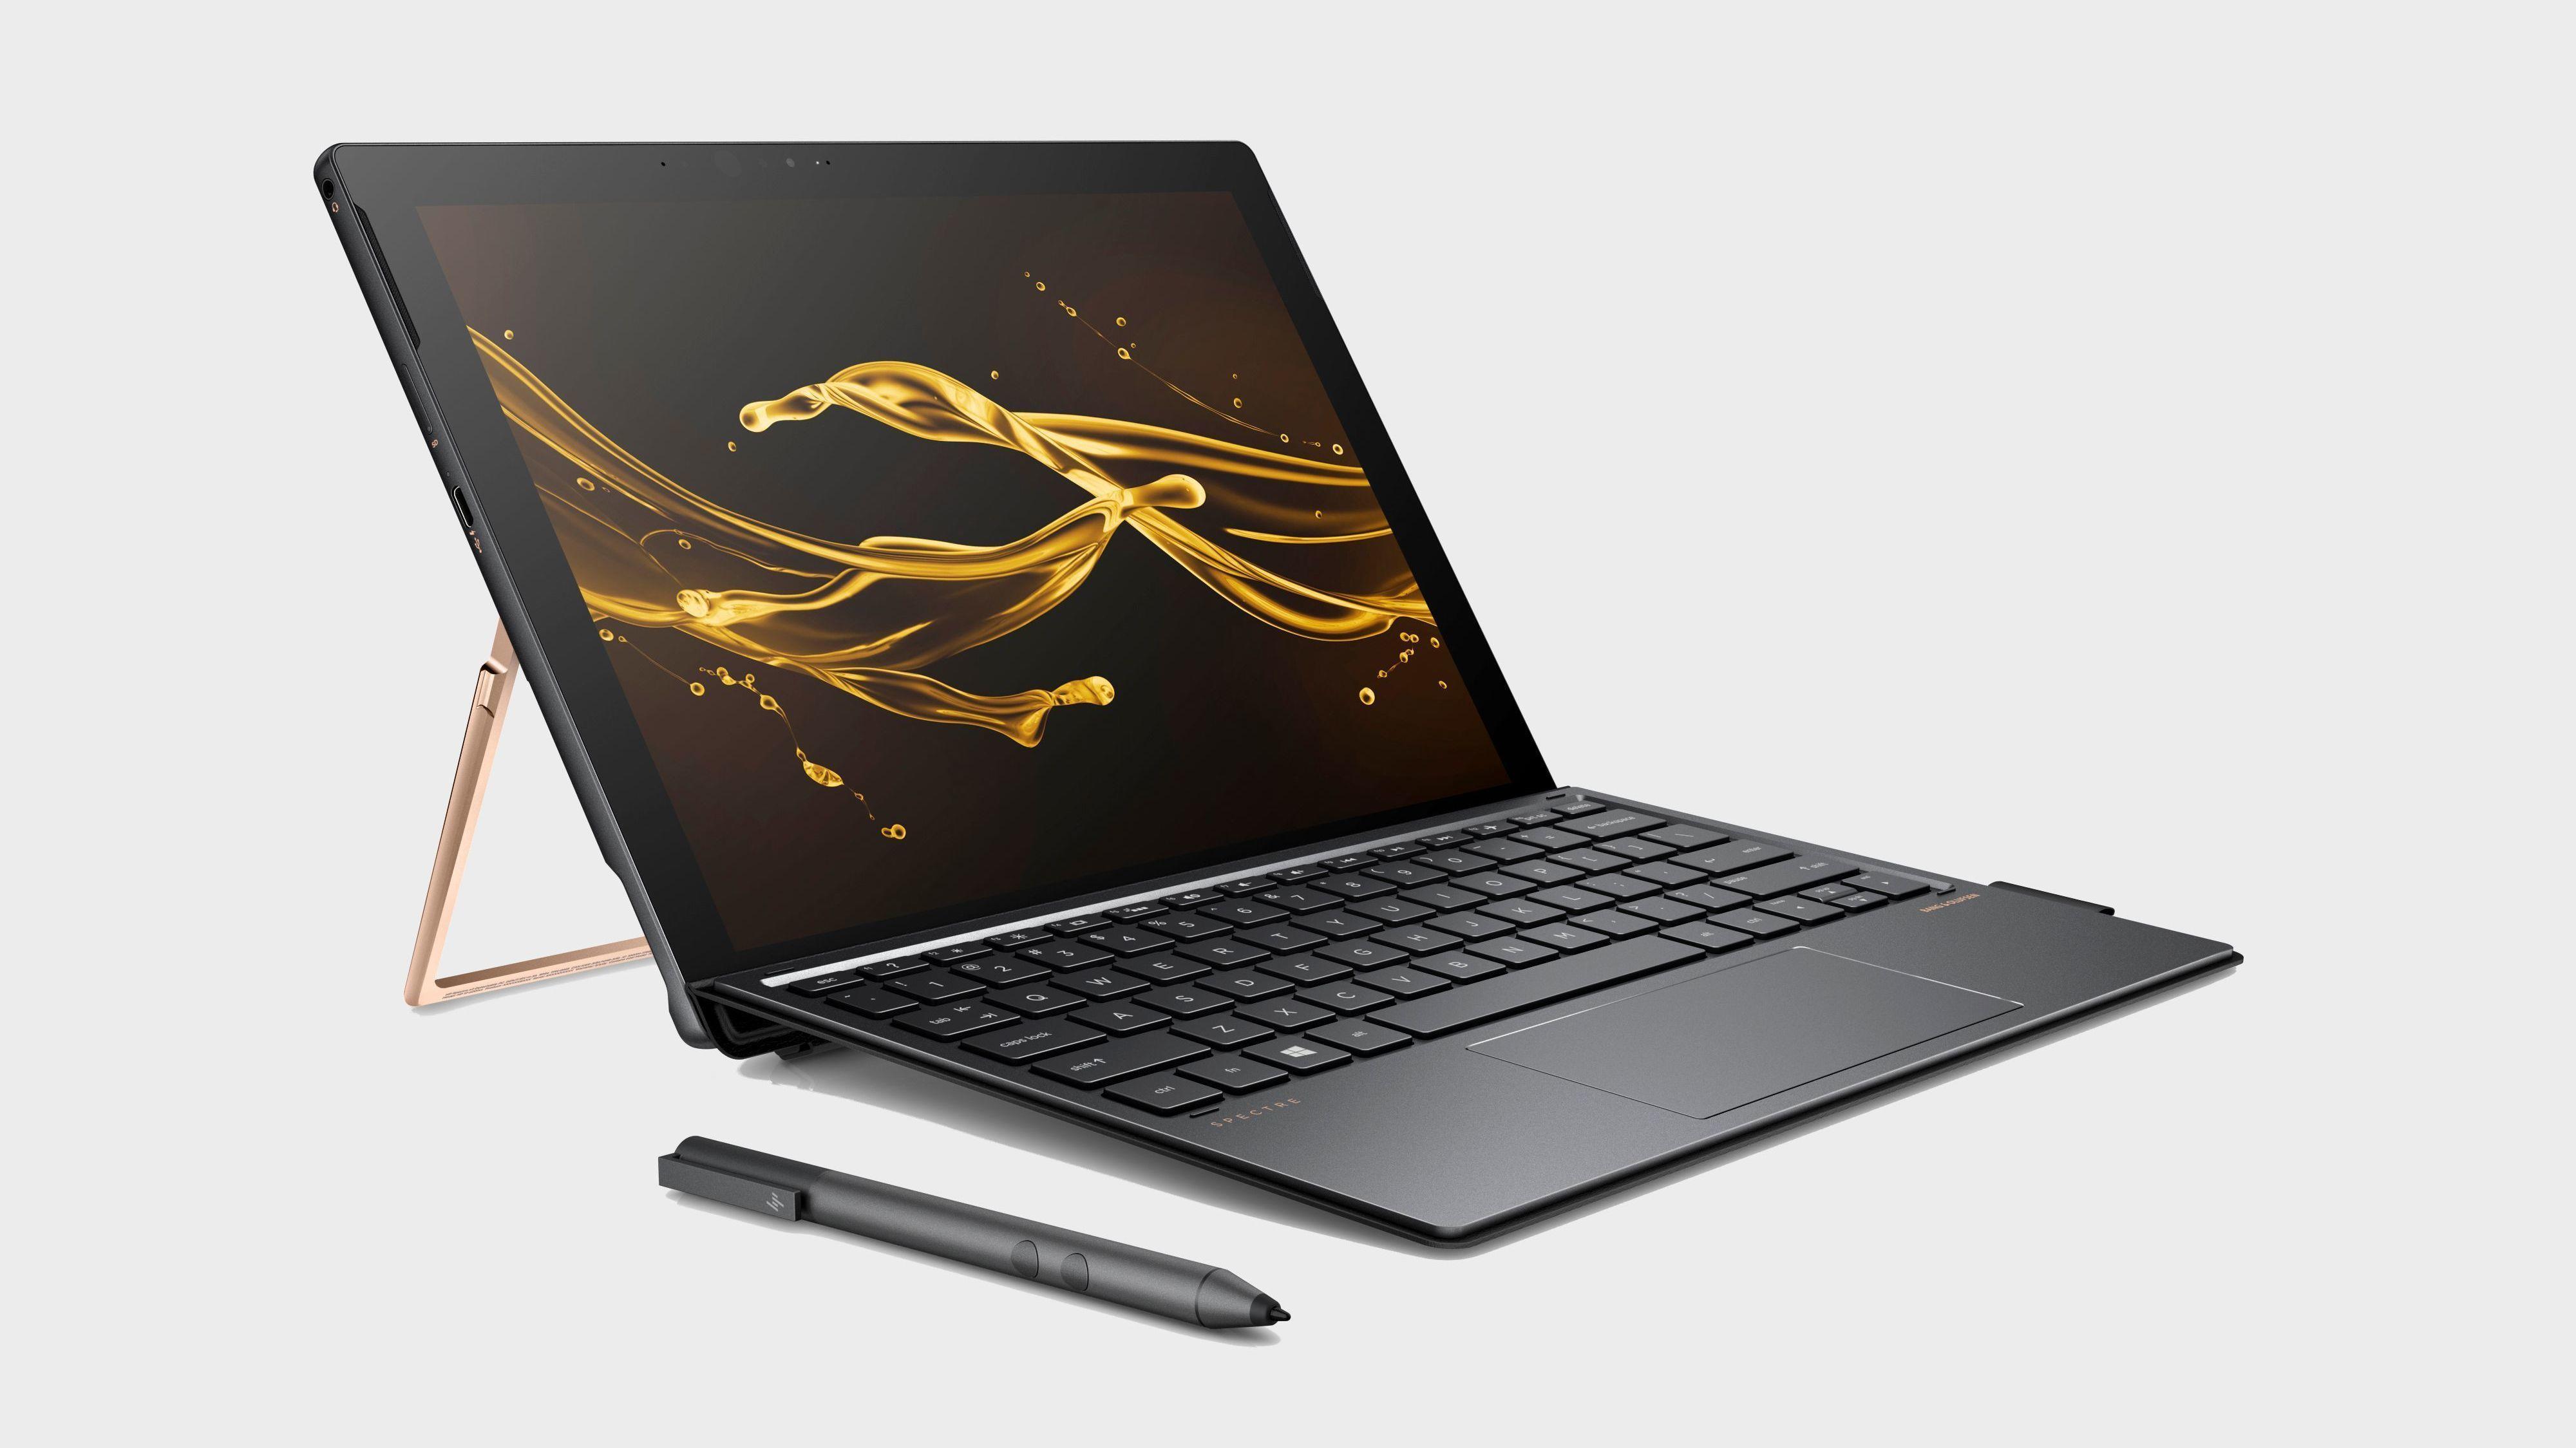 HP oppgraderer den lekre luksus-hybriden sin